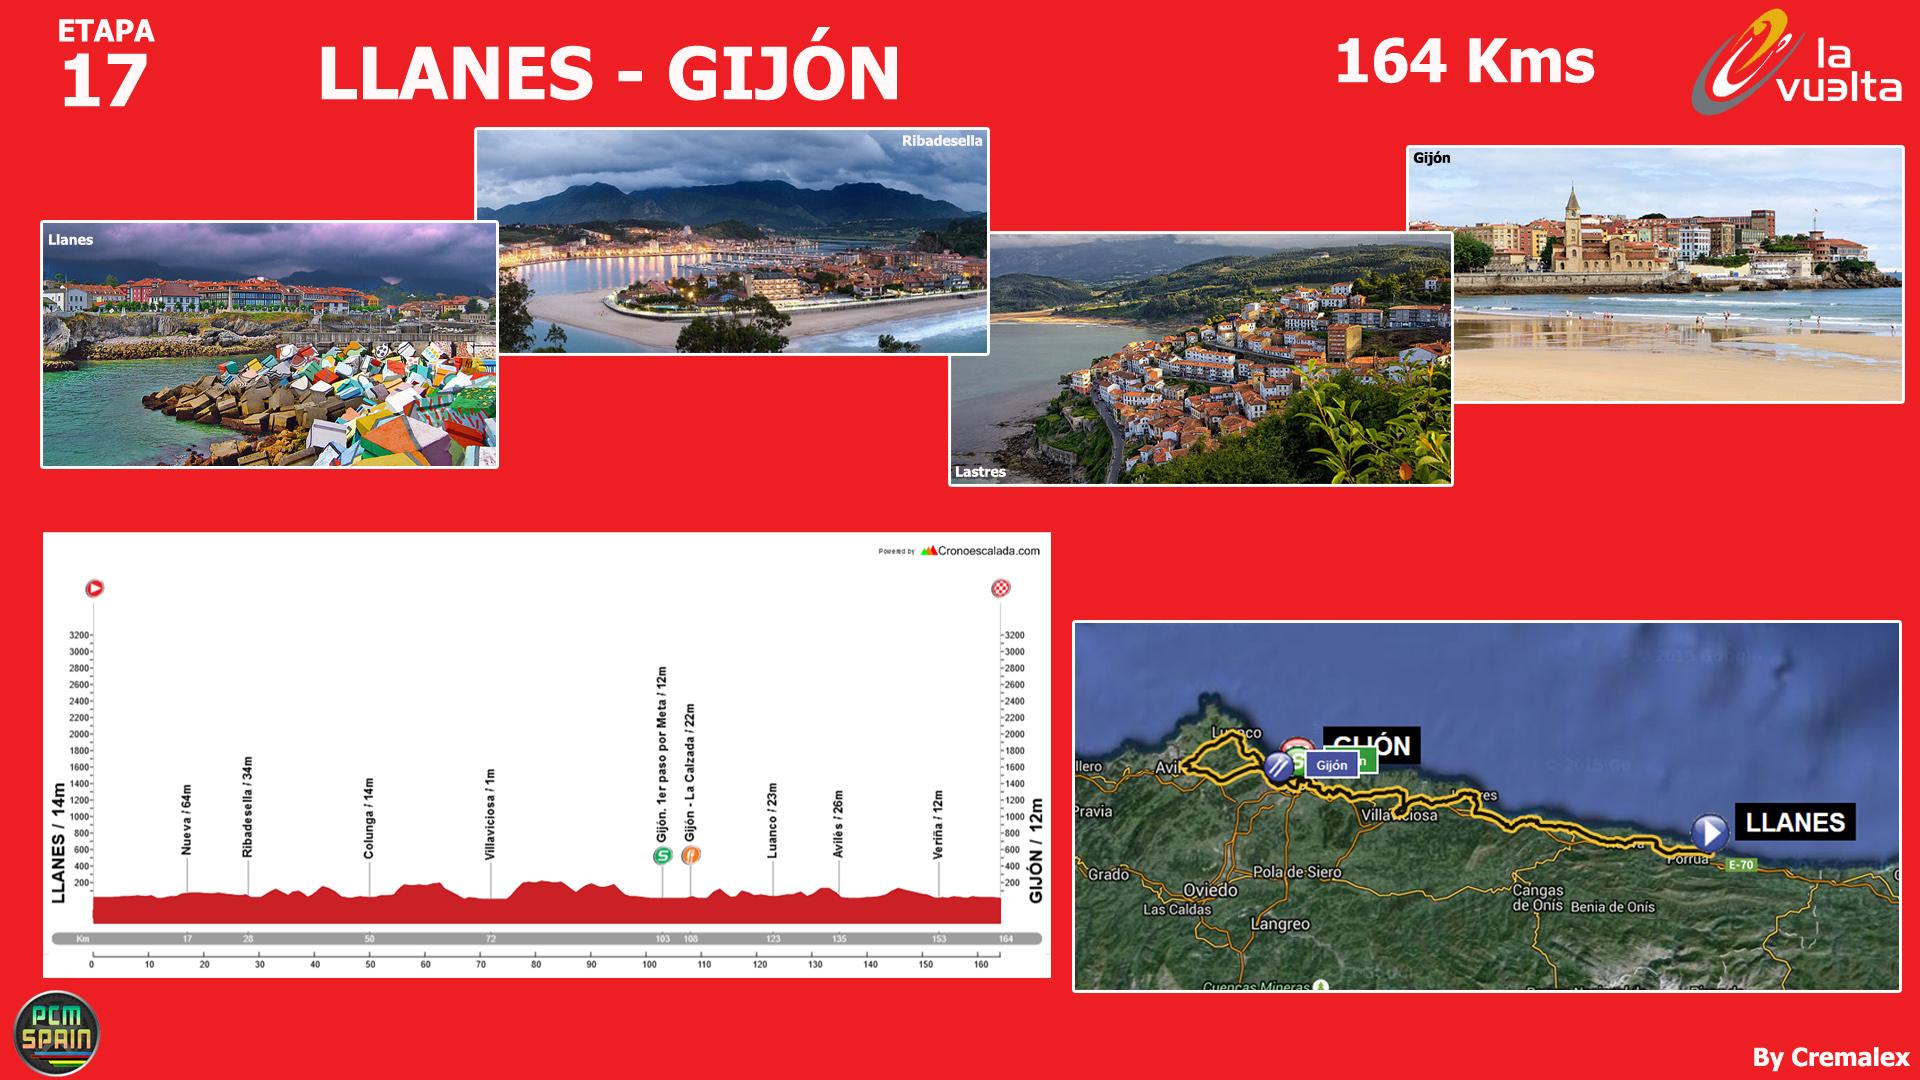 Concurso Vuelta a España 2015 - Página 6 971739Etapas17